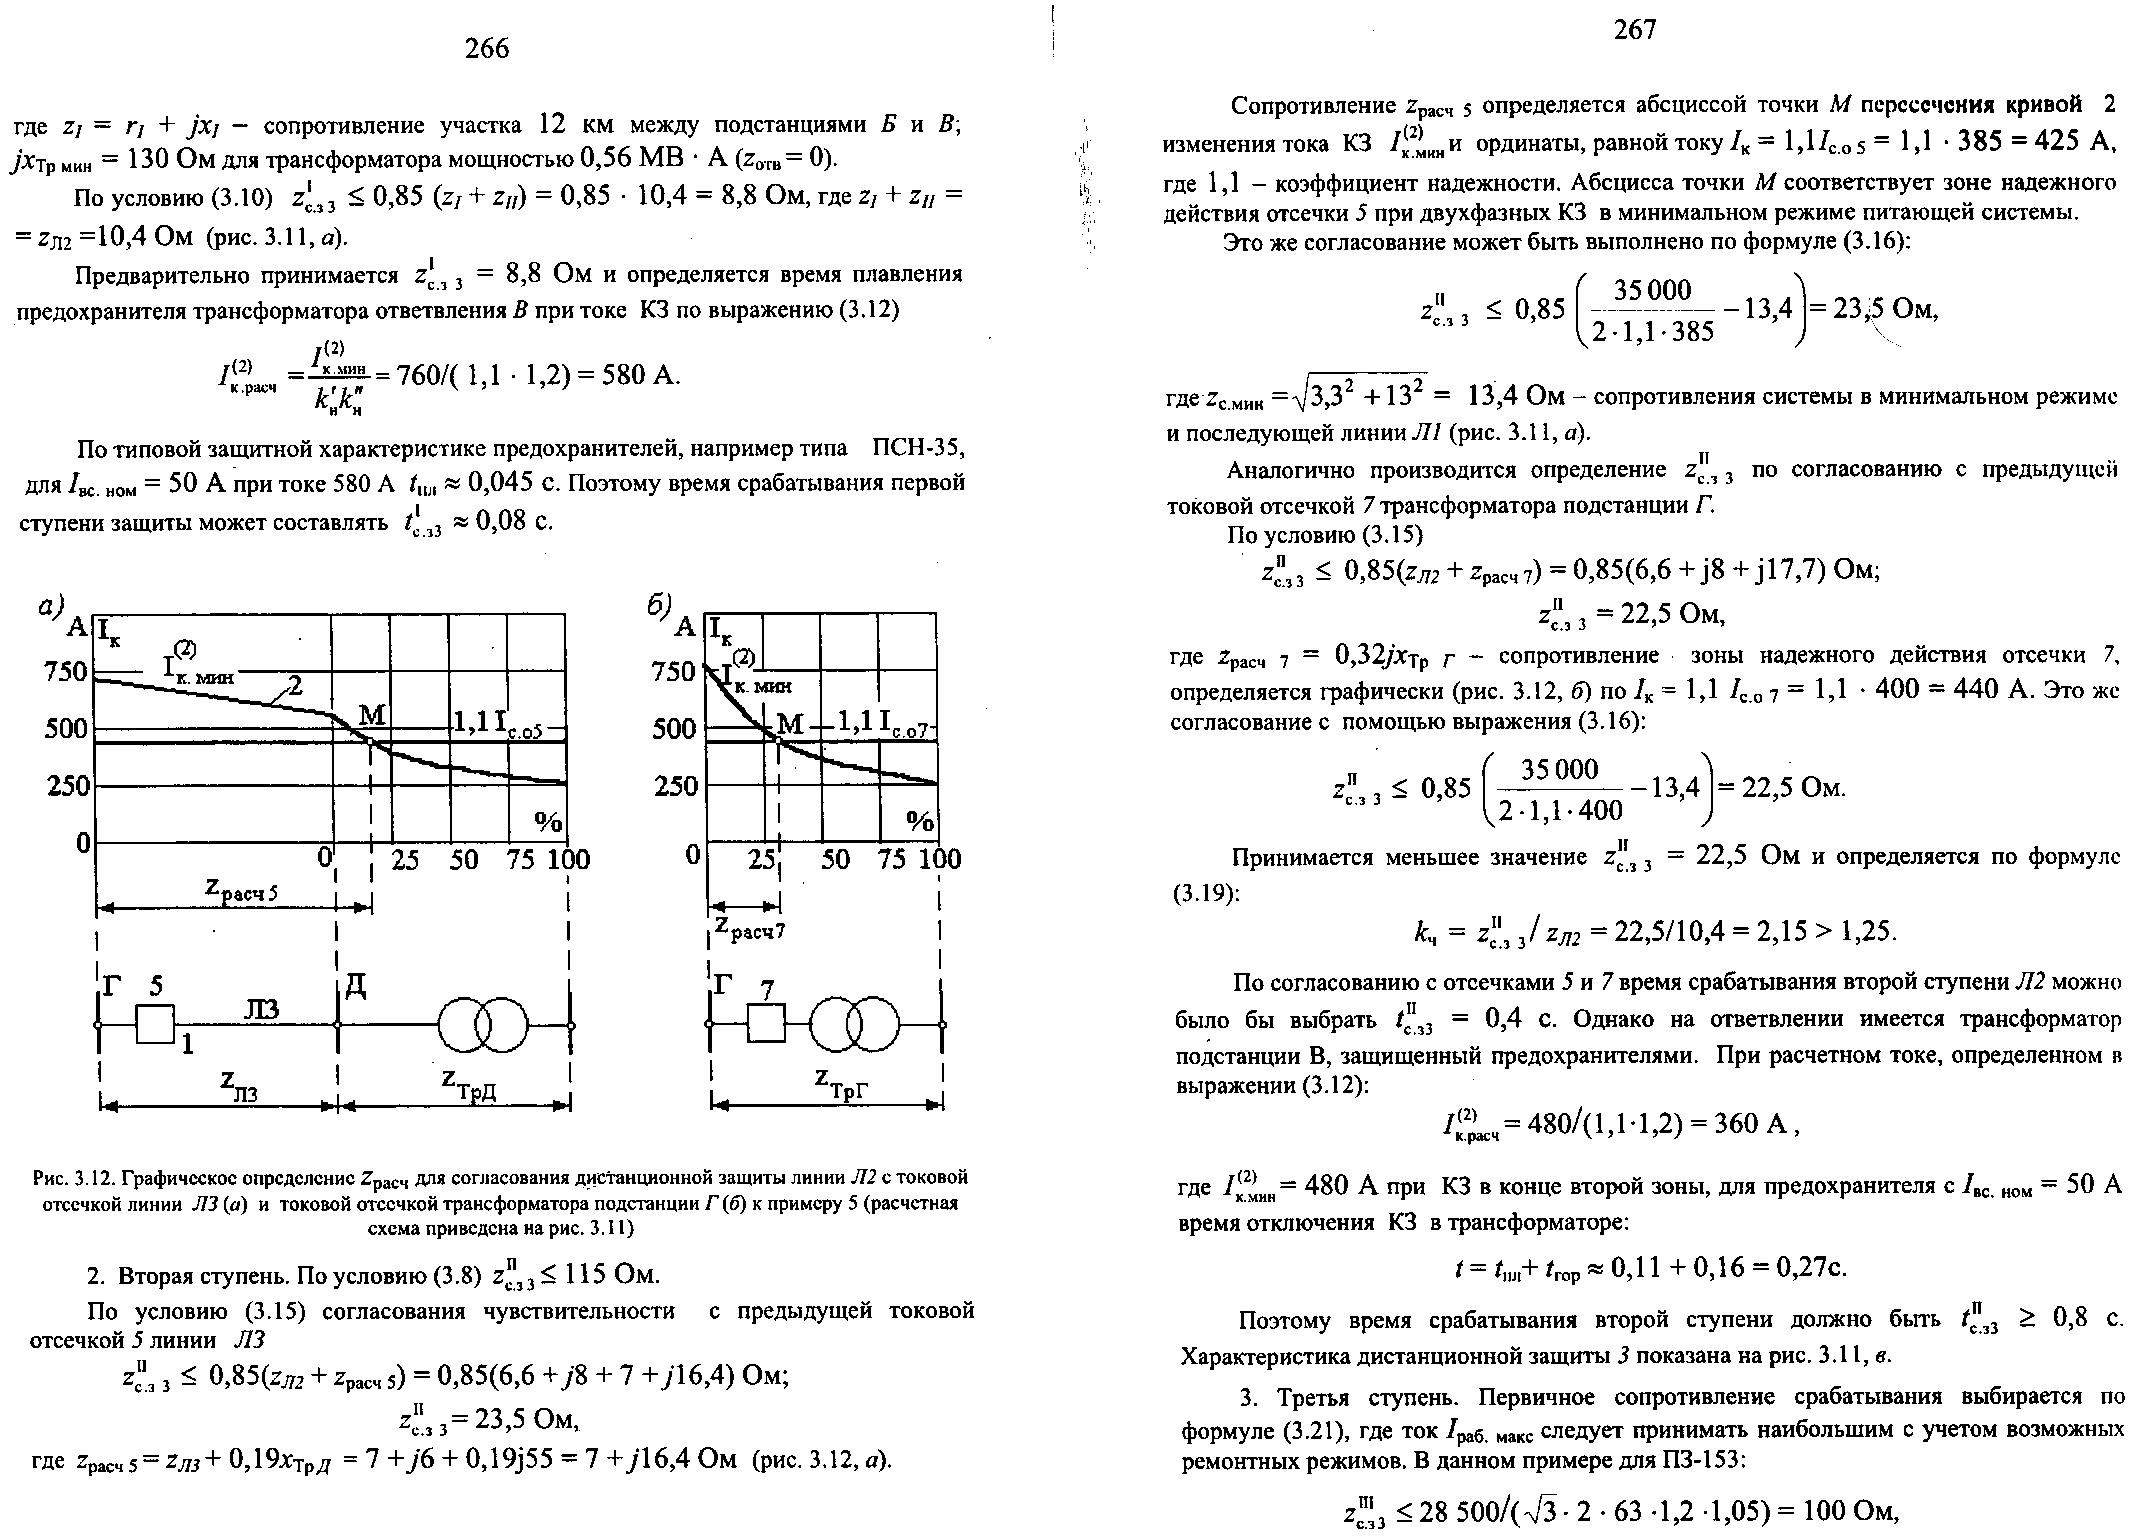 Инструкция по проверке трансформаторов тока, используемых в схемах релейной защиты и измерения - 1.doc